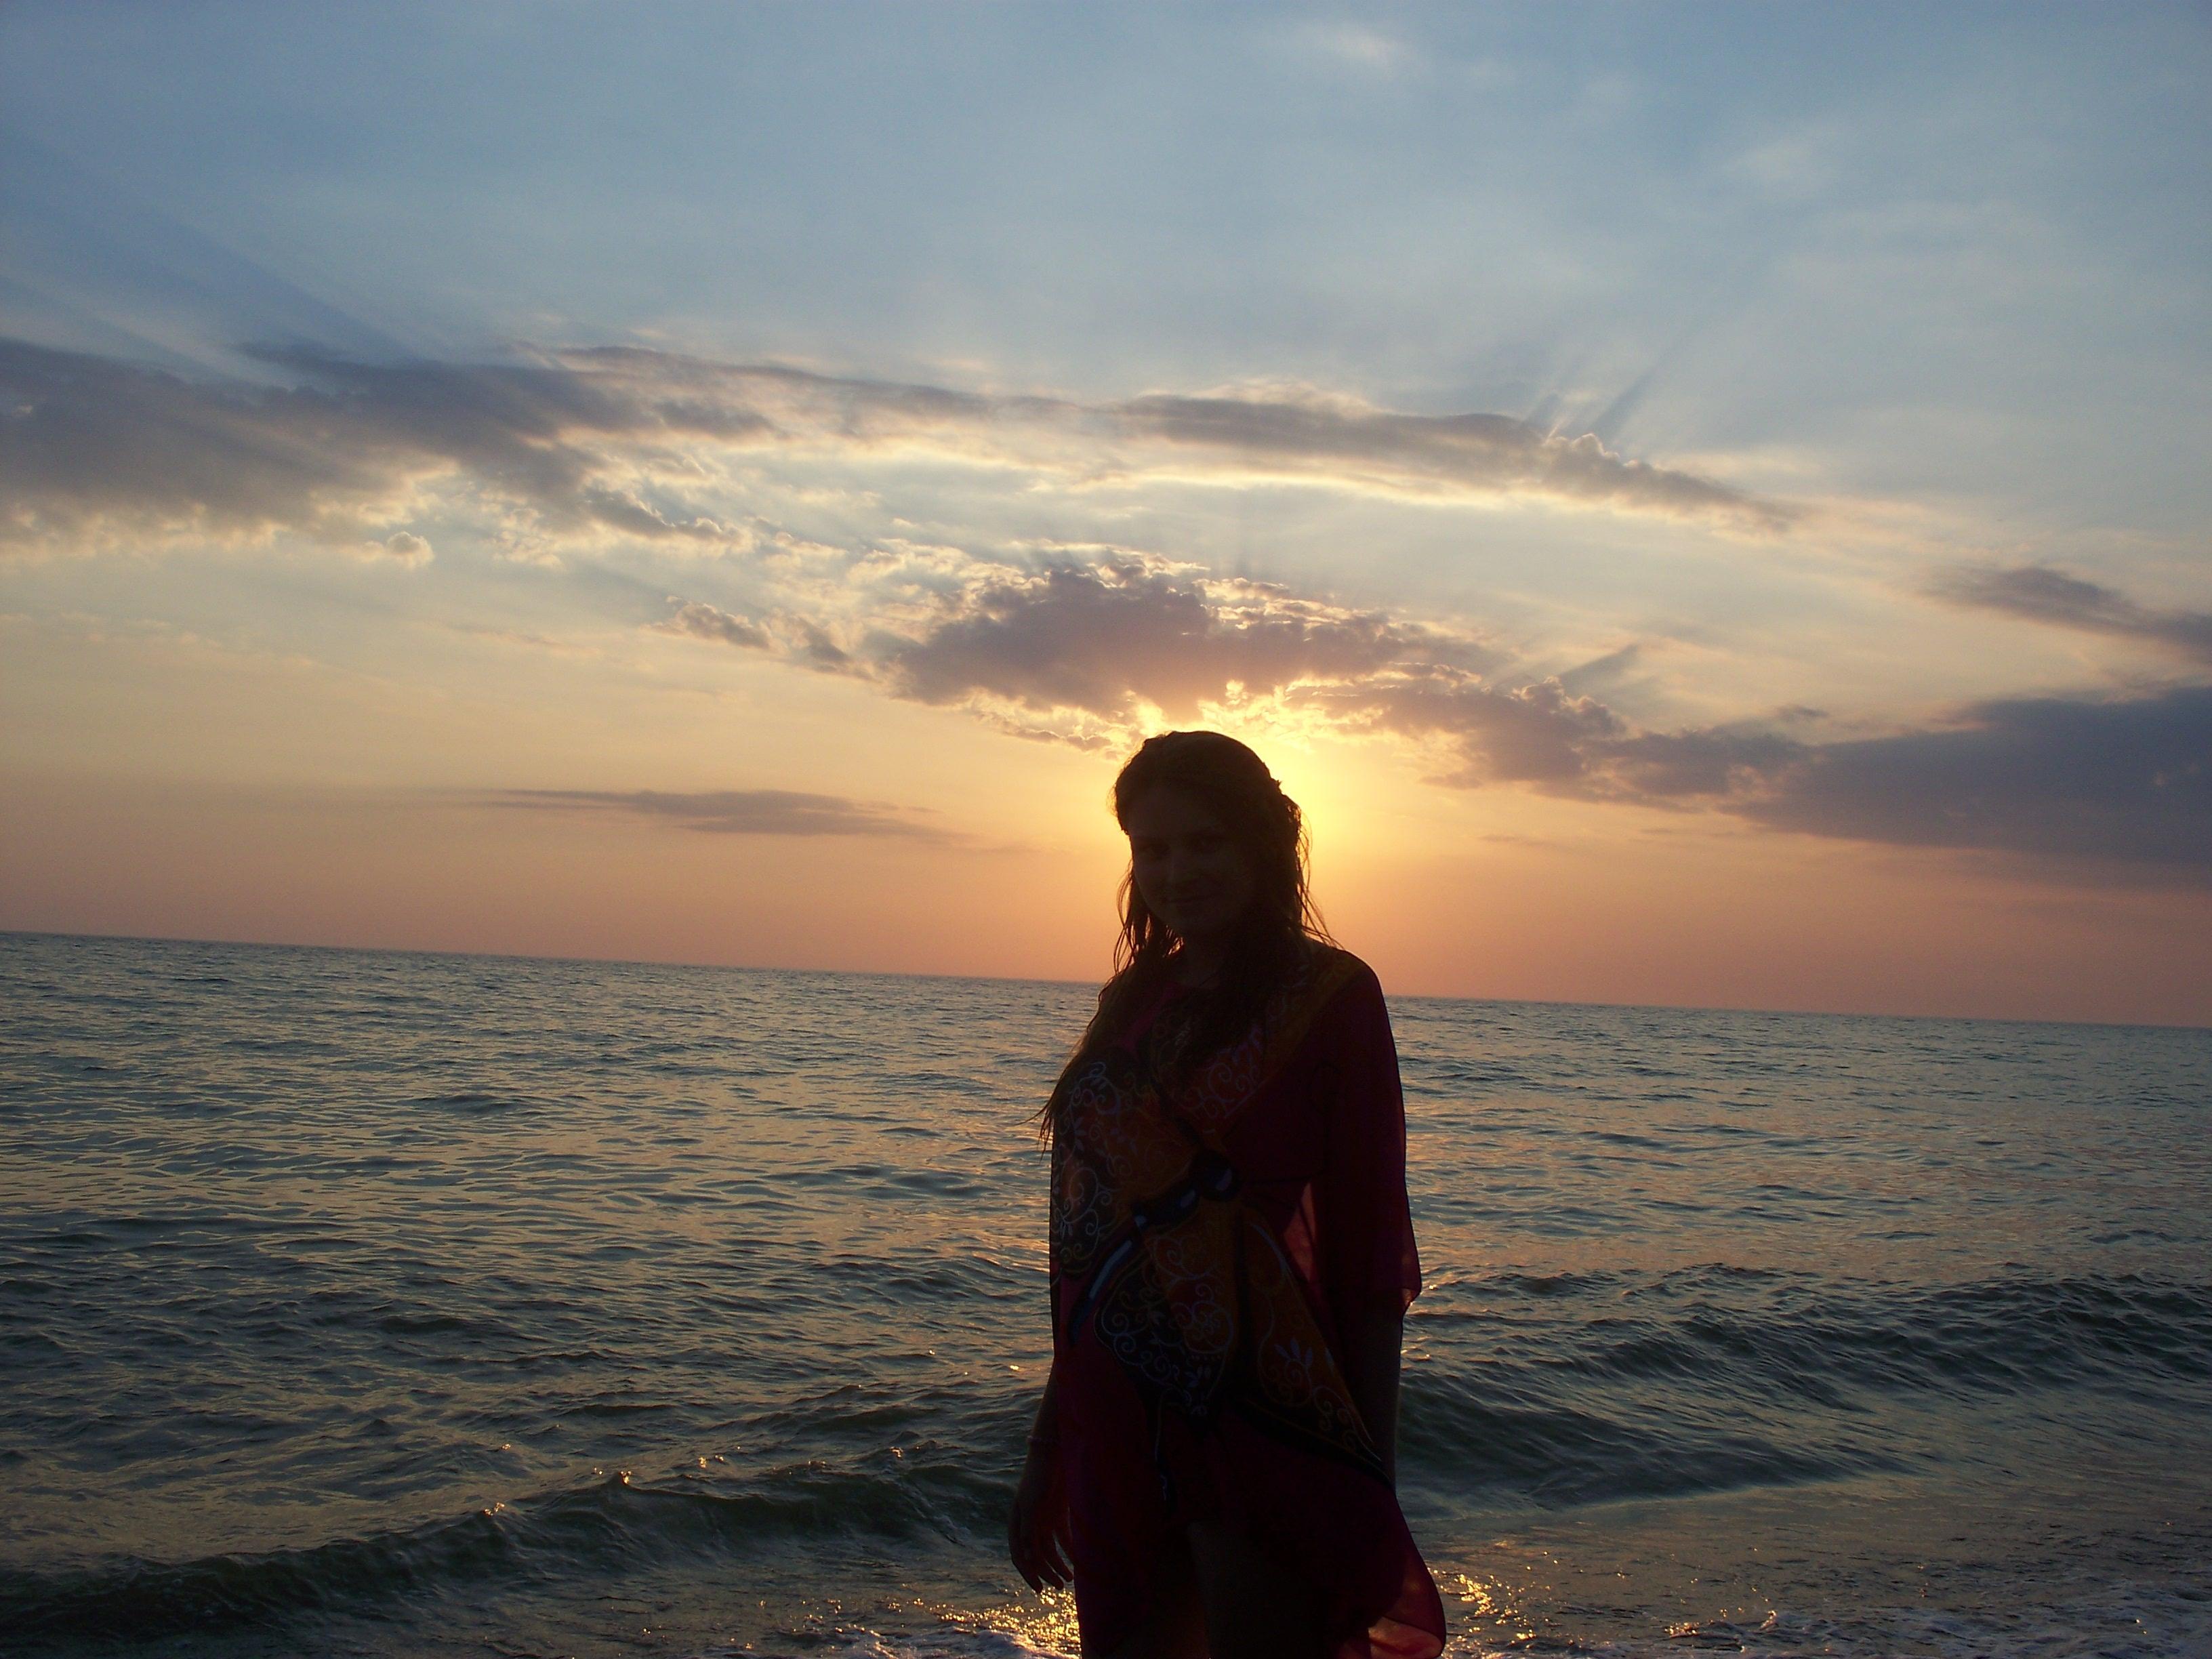 Чёрное море. Крым. Бахчисарай. 'На закате'. Привет из отпуска!